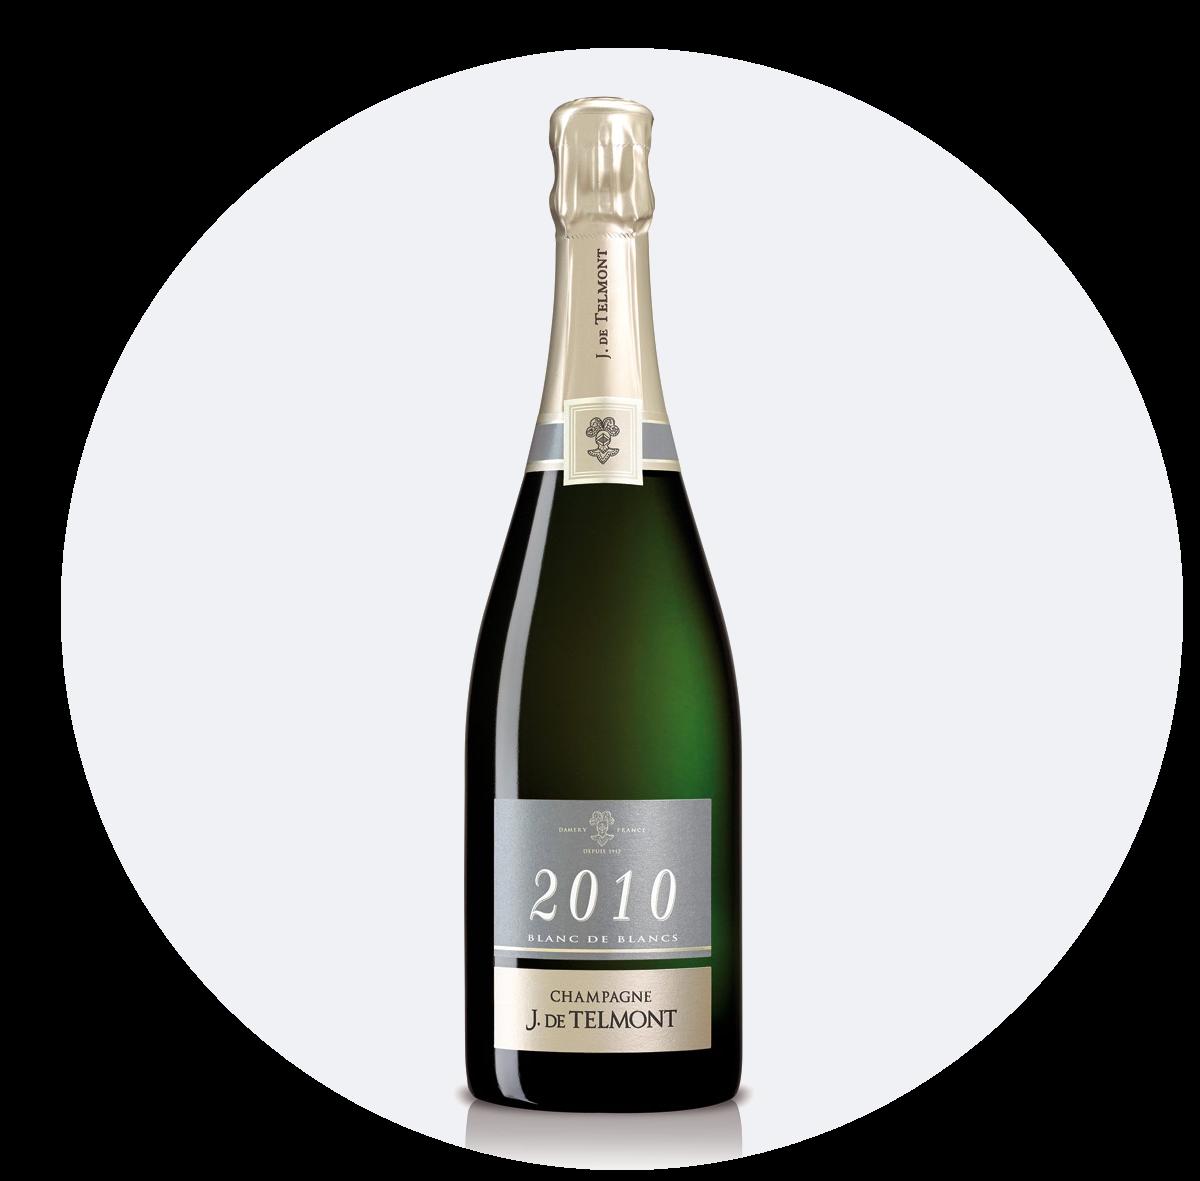 Parrainage Afer : Bouteille de Champagne J. de Telmont